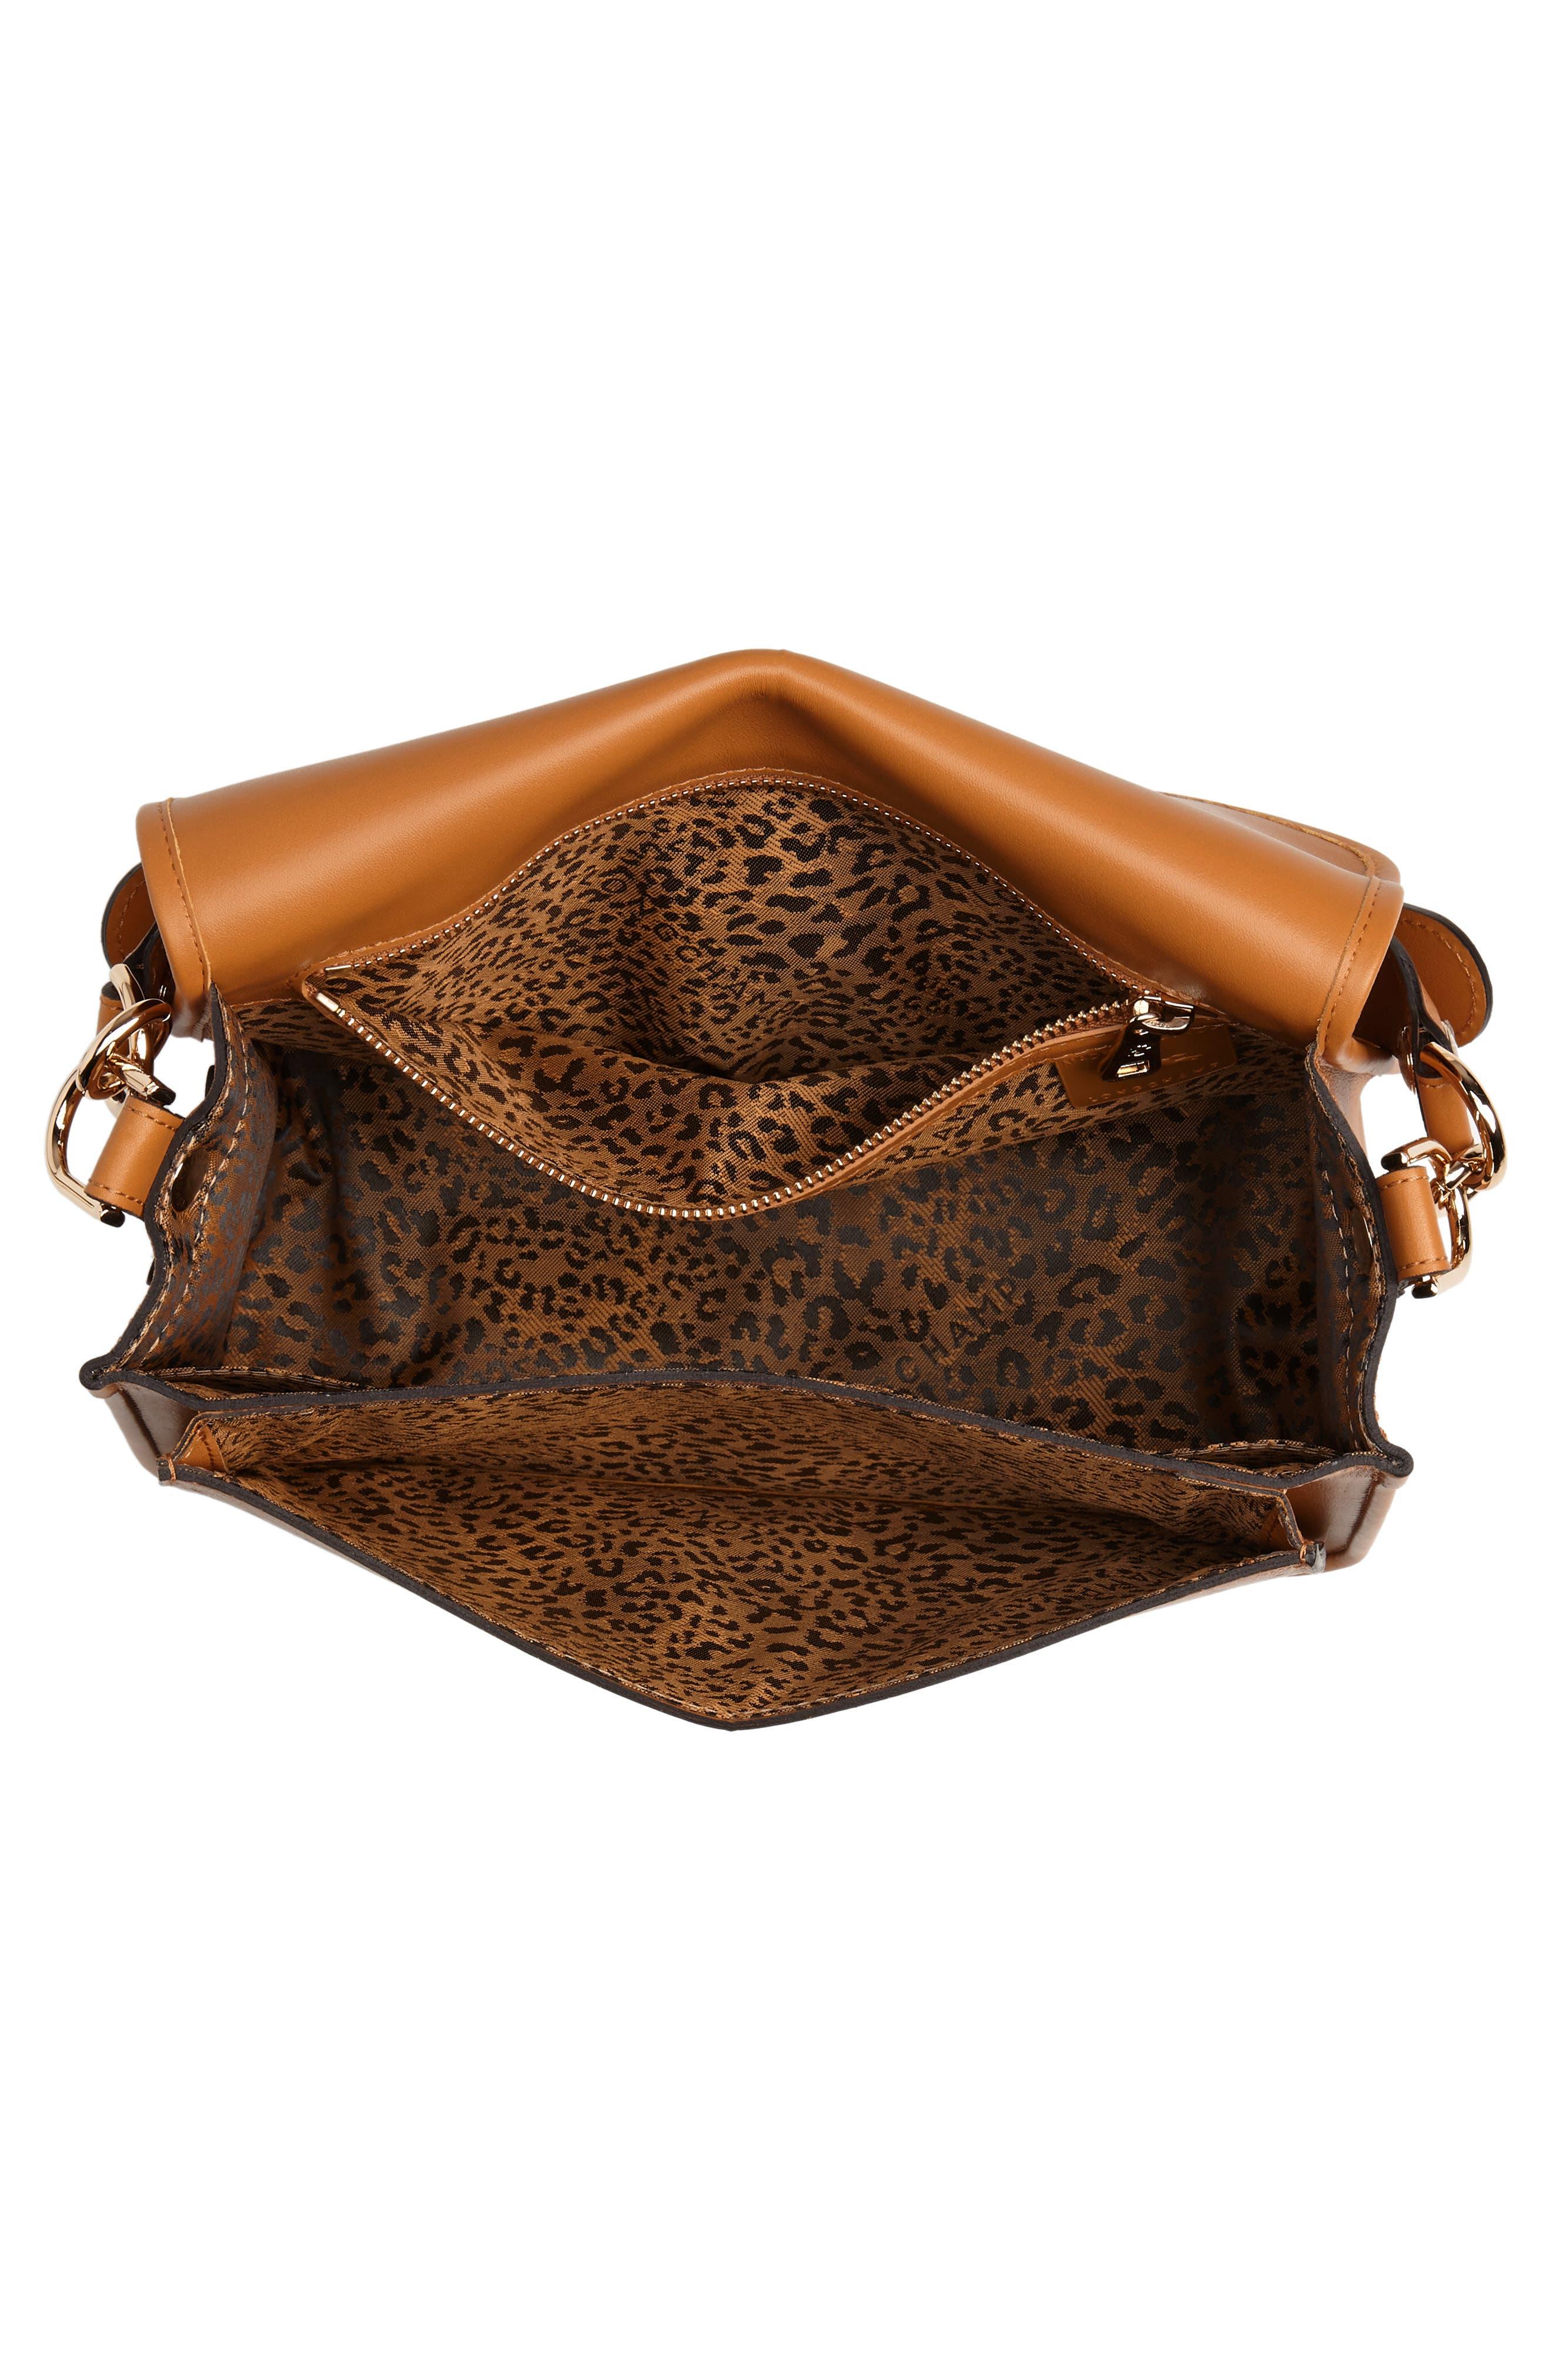 Mademoiselle Calfskin Leather Crossbody Bag,                             Alternate thumbnail 4, color,                             Honey